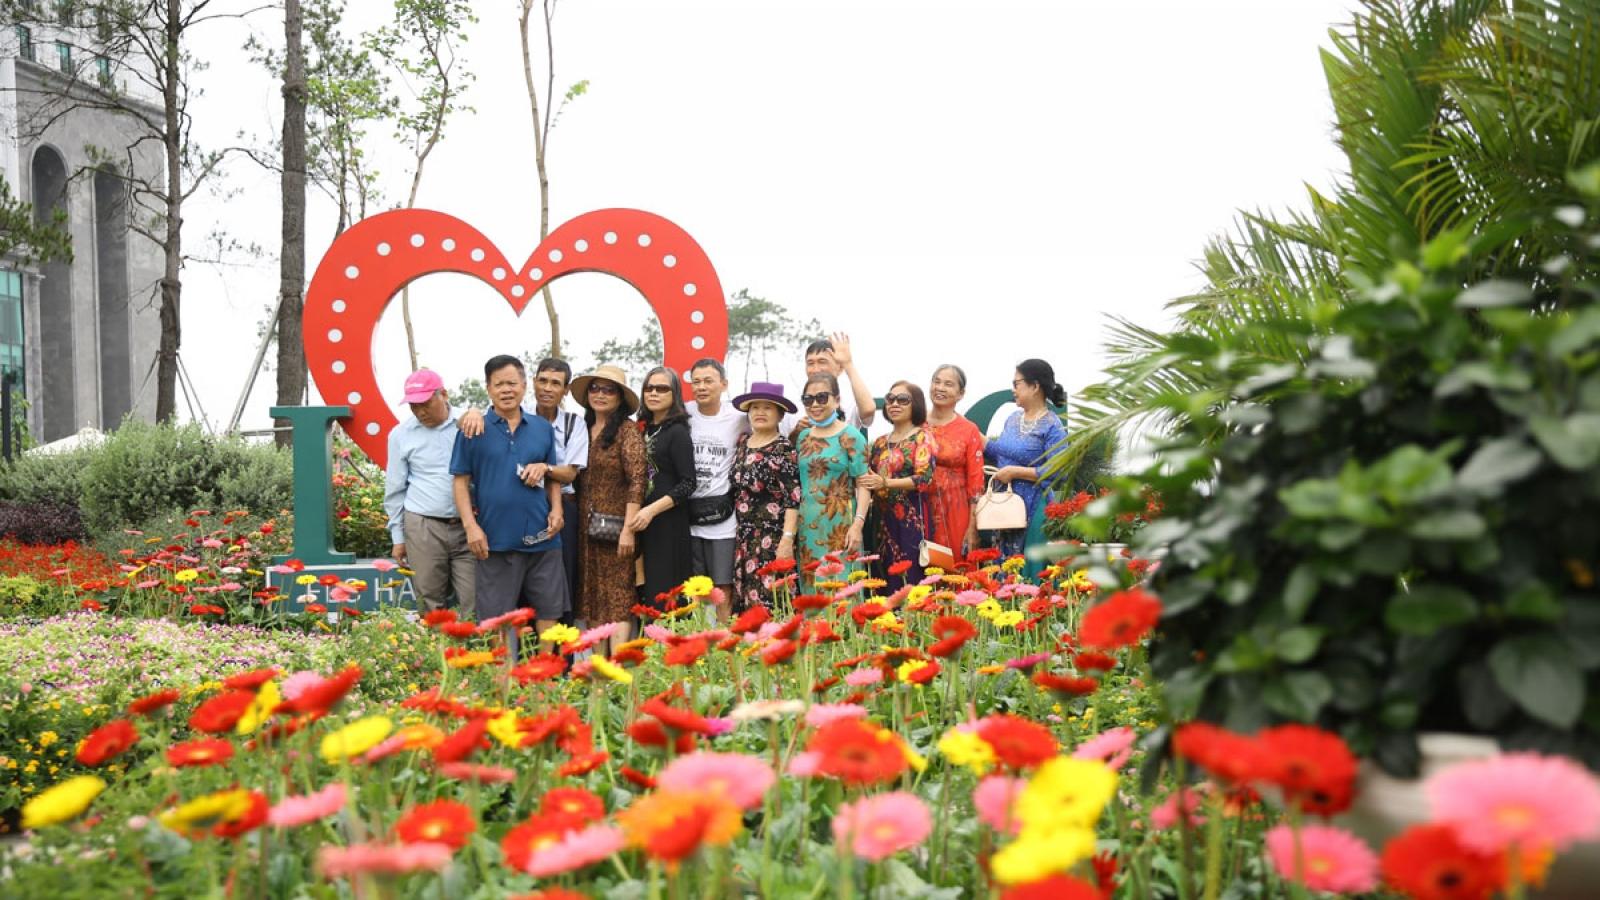 Cận cảnh thiên đường hoa rực rỡ trên đồi cao khiến du khách mê mẩn tại Hạ Long